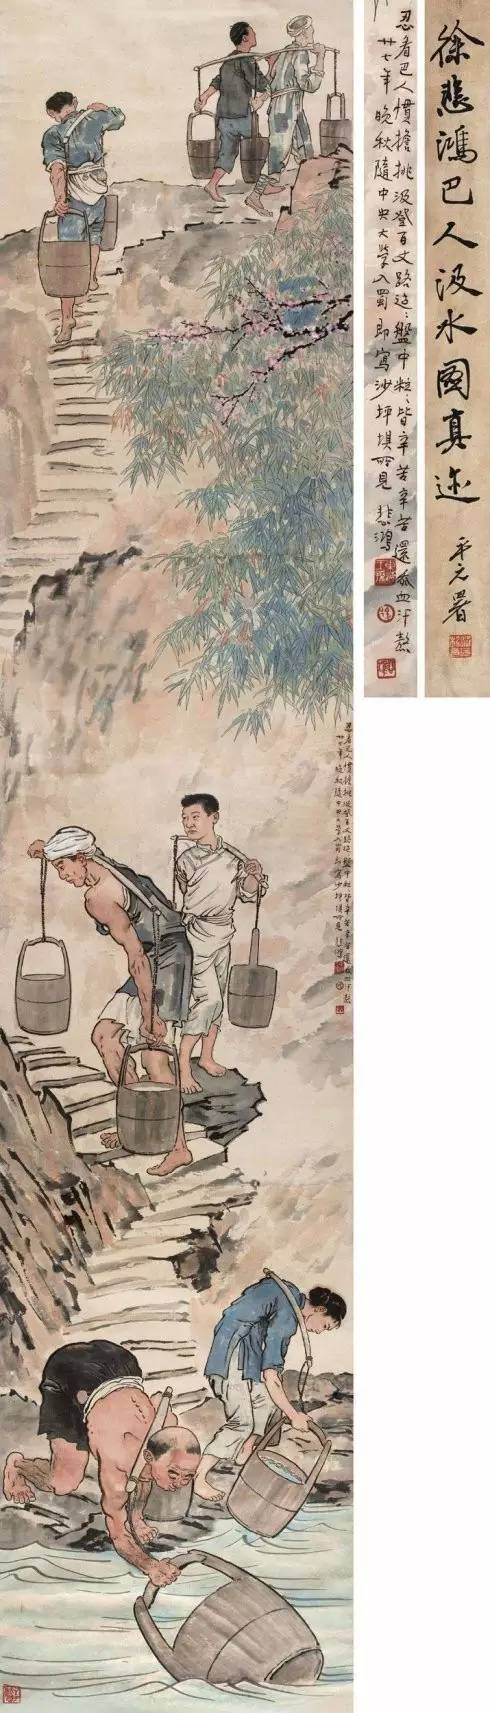 徐悲鸿《巴人汲水图》